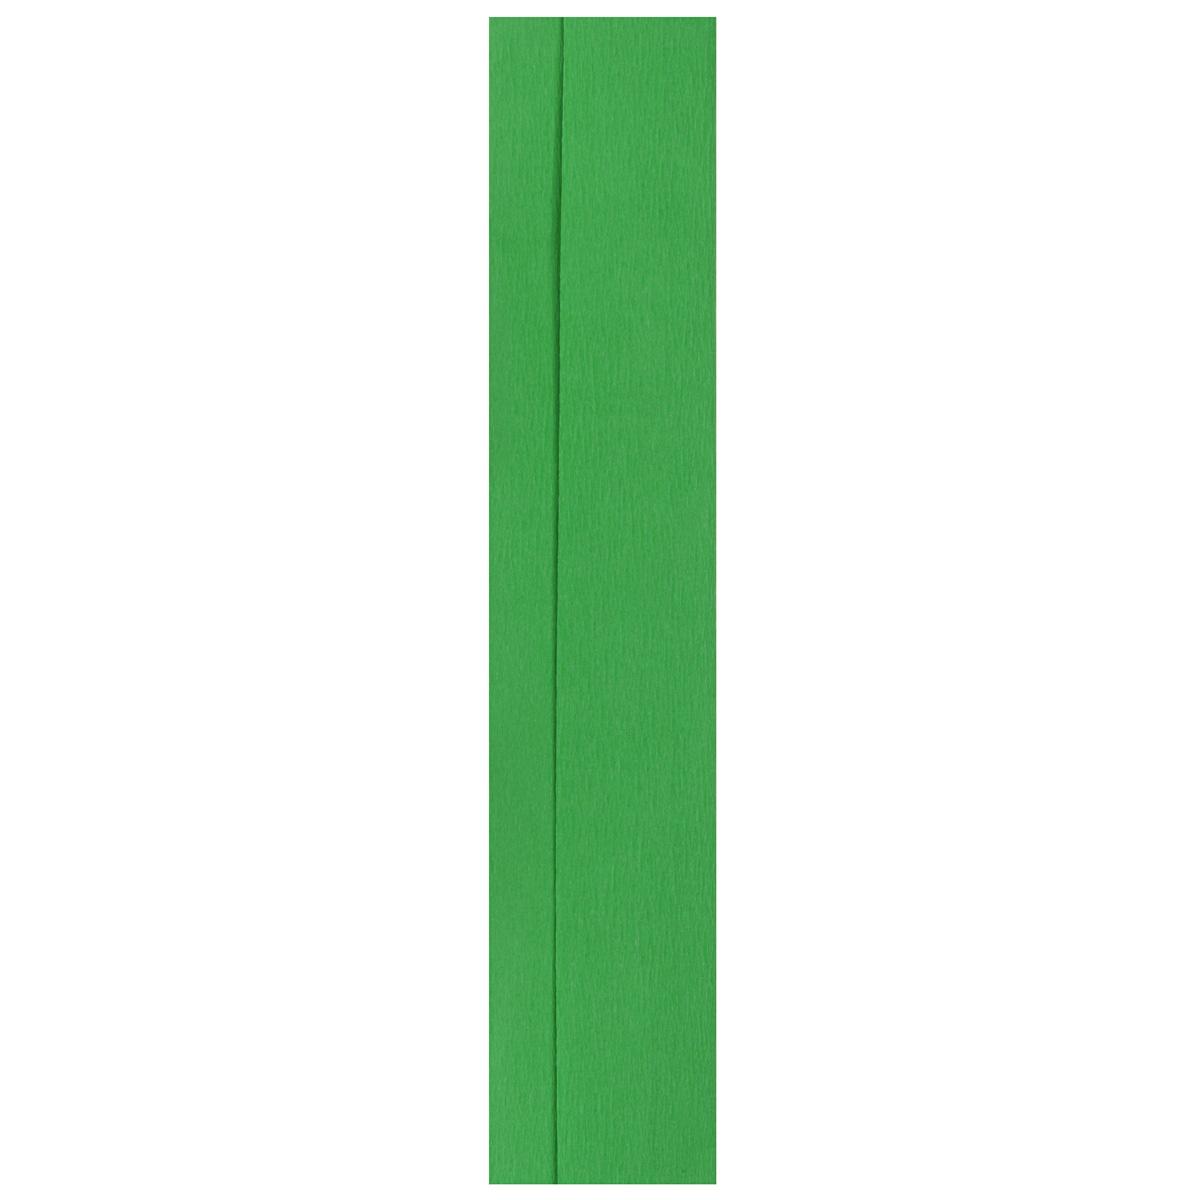 Бумага креповая Folia, цвет: светло-зеленый (40), 50 см x 2,5 м7704392_40Бумага креповая Folia - прекрасный материал для декорирования, украшения интерьера, изготовления искусственных цветов, эффектной упаковки и различных поделок. Бумага прекрасно держит форму, отлично крепится и замечательно подходит для изготовления праздничной упаковки для цветов.